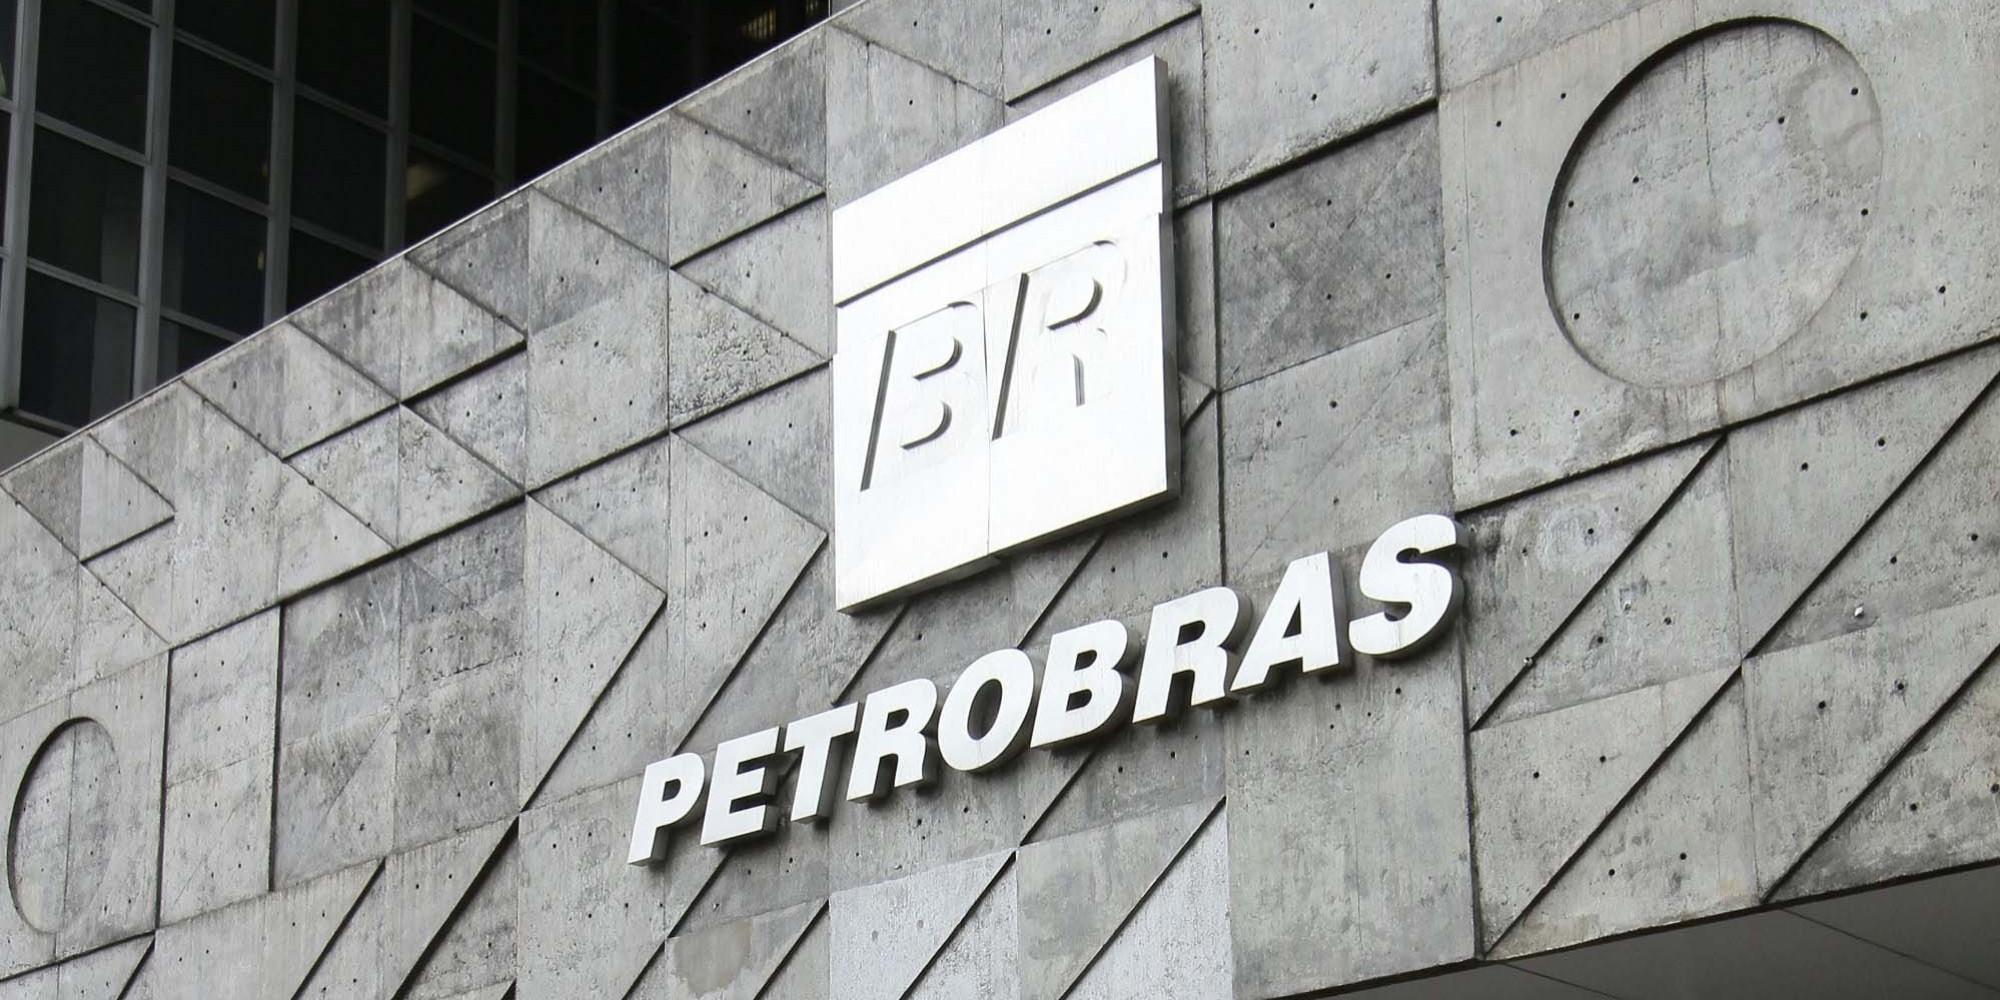 Petrobras Deve Investir Em Energia Renovavel. Energia Solar, Energia Eólica, Painel Fotovoltaico, Painel Solar, Instalação.